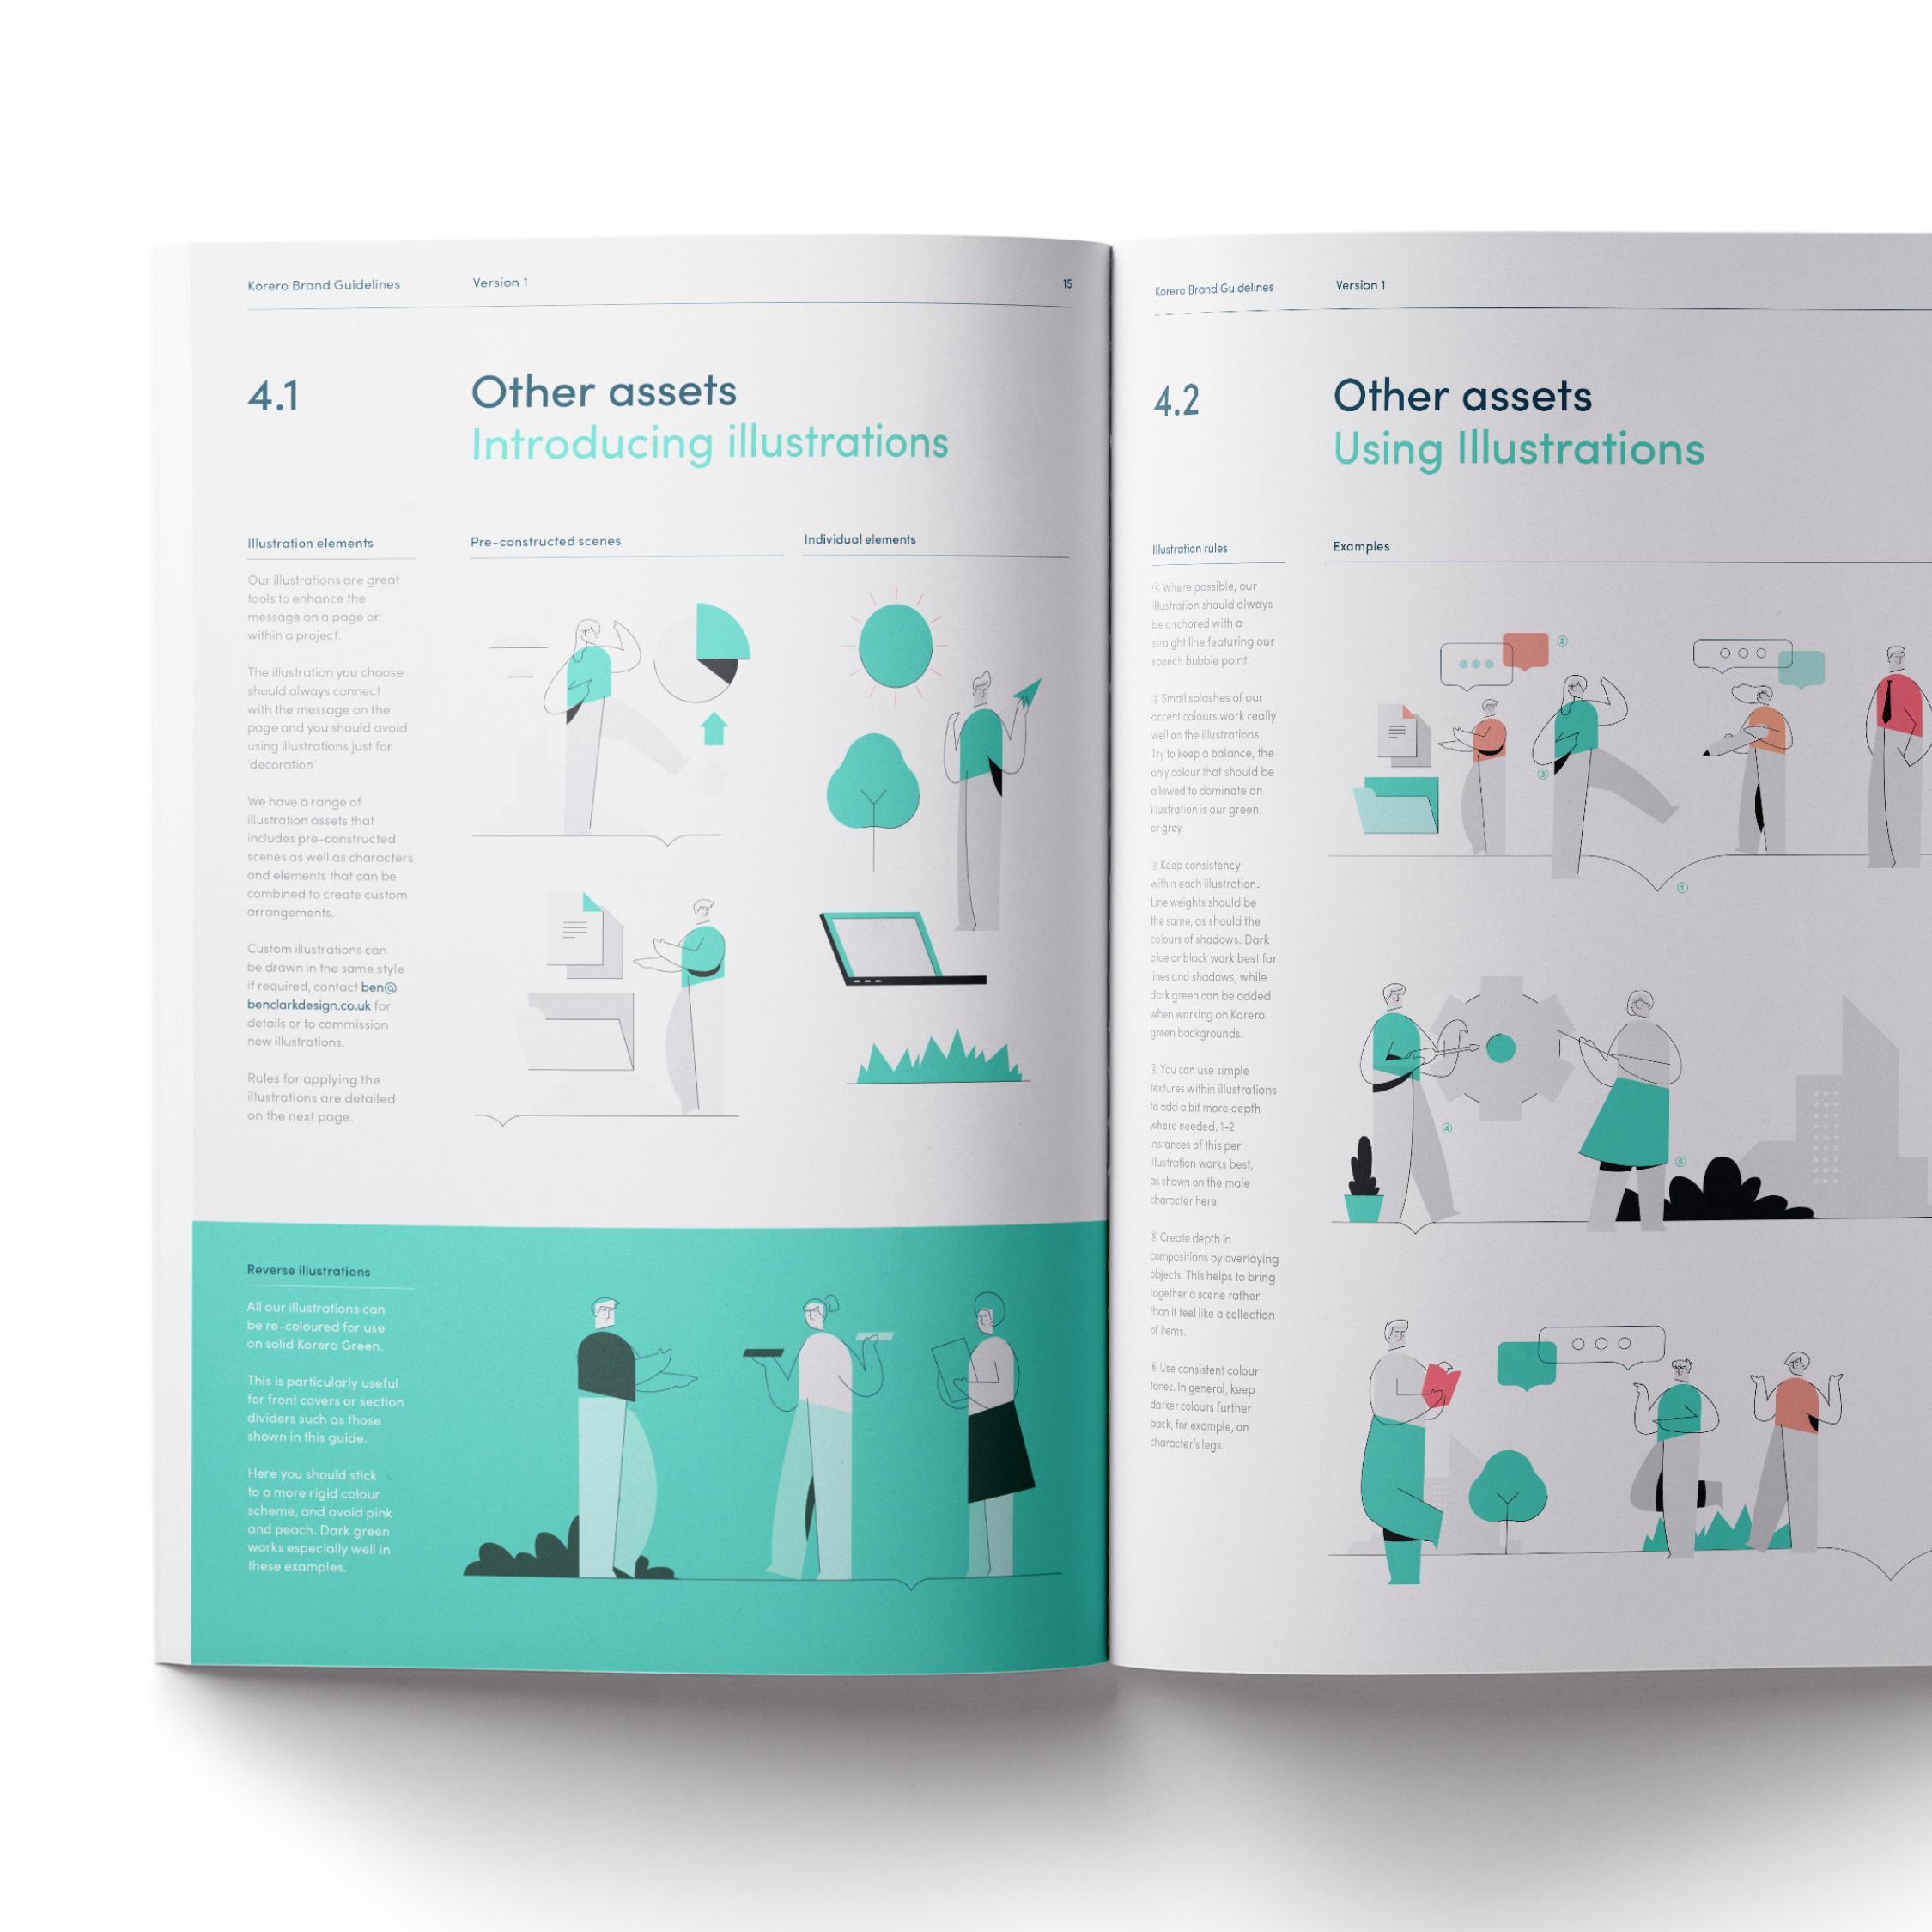 Korero brand guidelines by Ben Clark Design